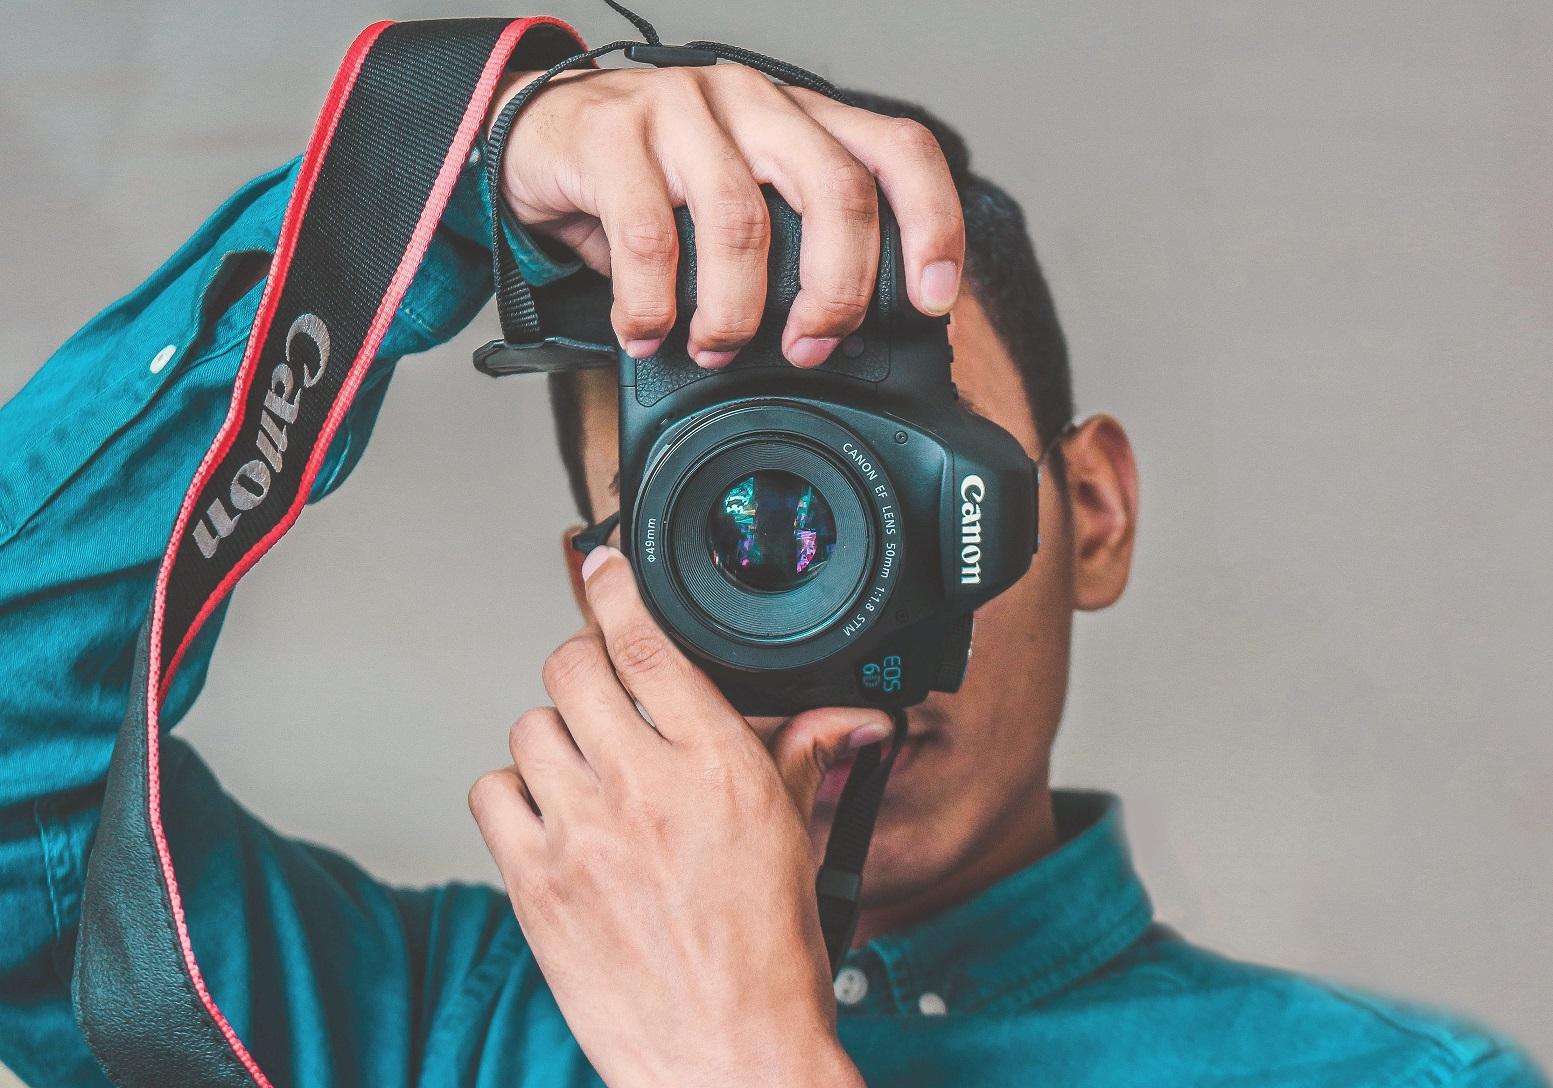 Umowa z fotografem. O czym należy pamiętać?